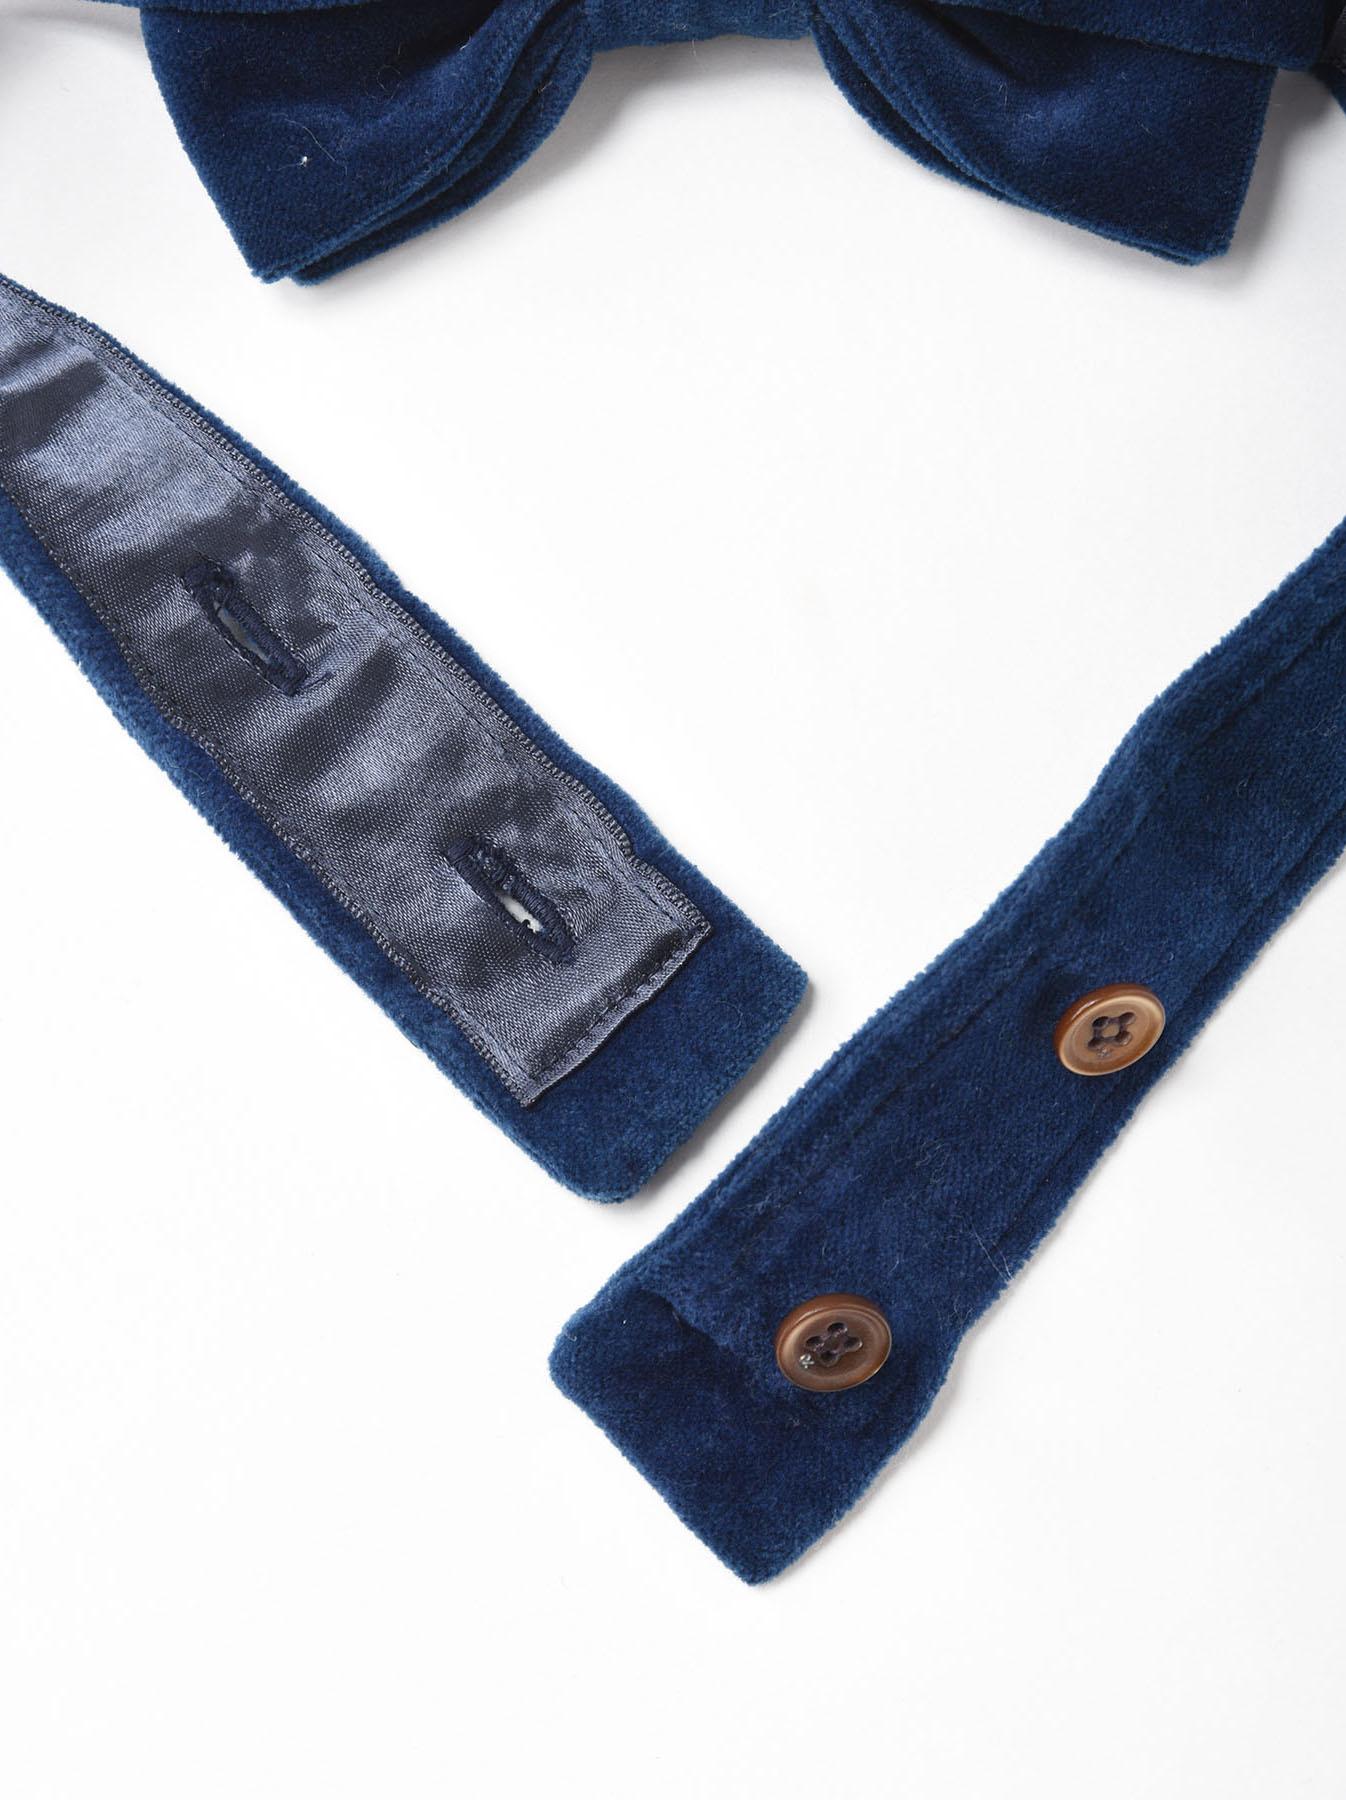 Indigo Velveteen Bow Tie-4